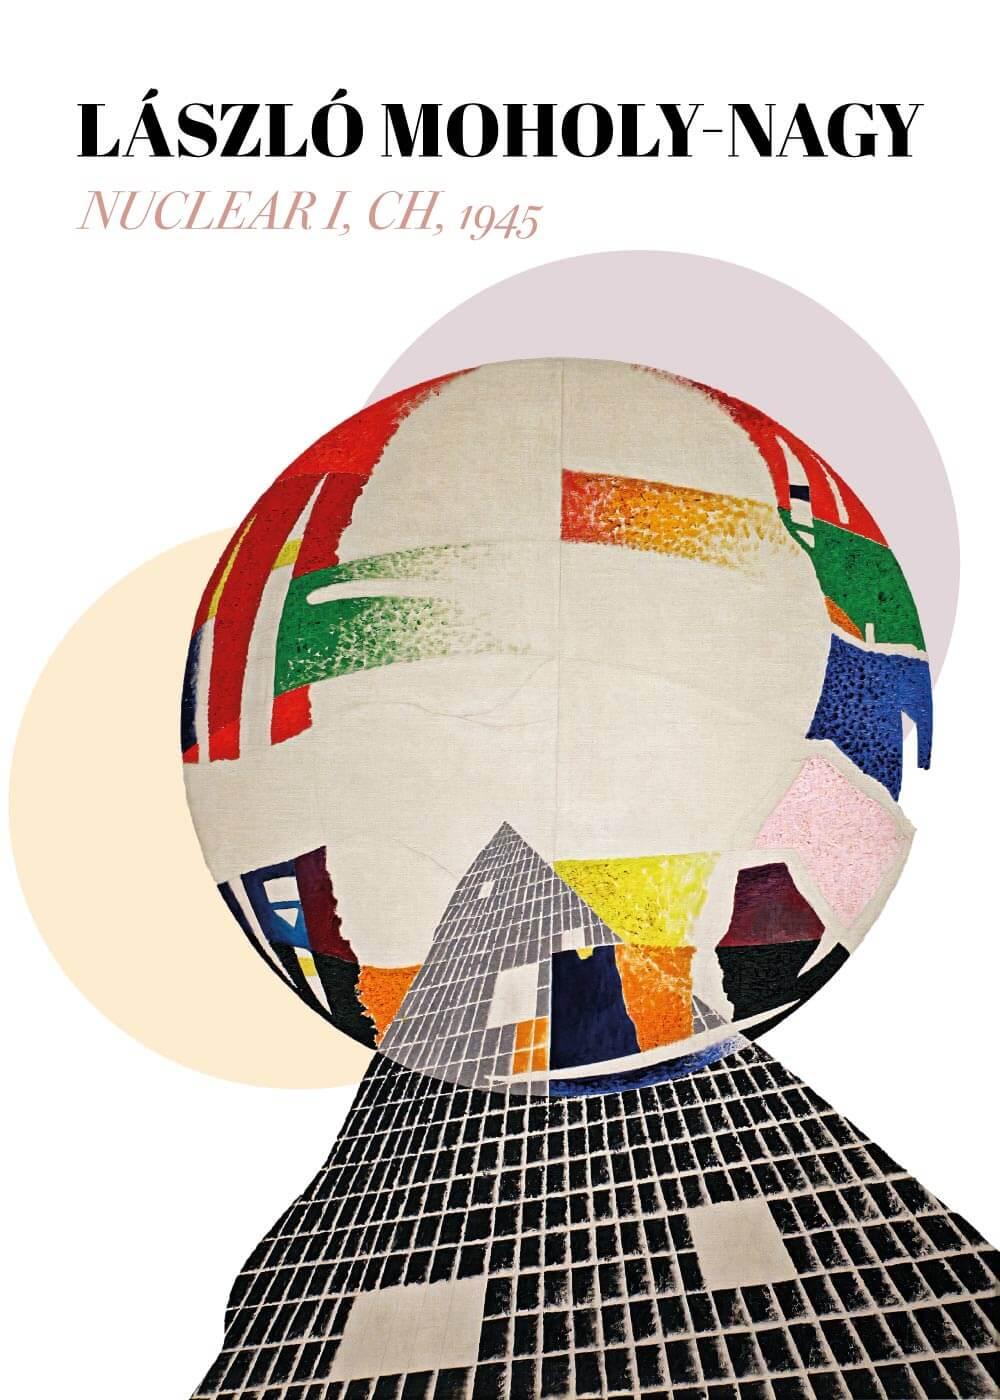 Billede af Nuclear I, CH - László Moholy-Nagy kunstplakat